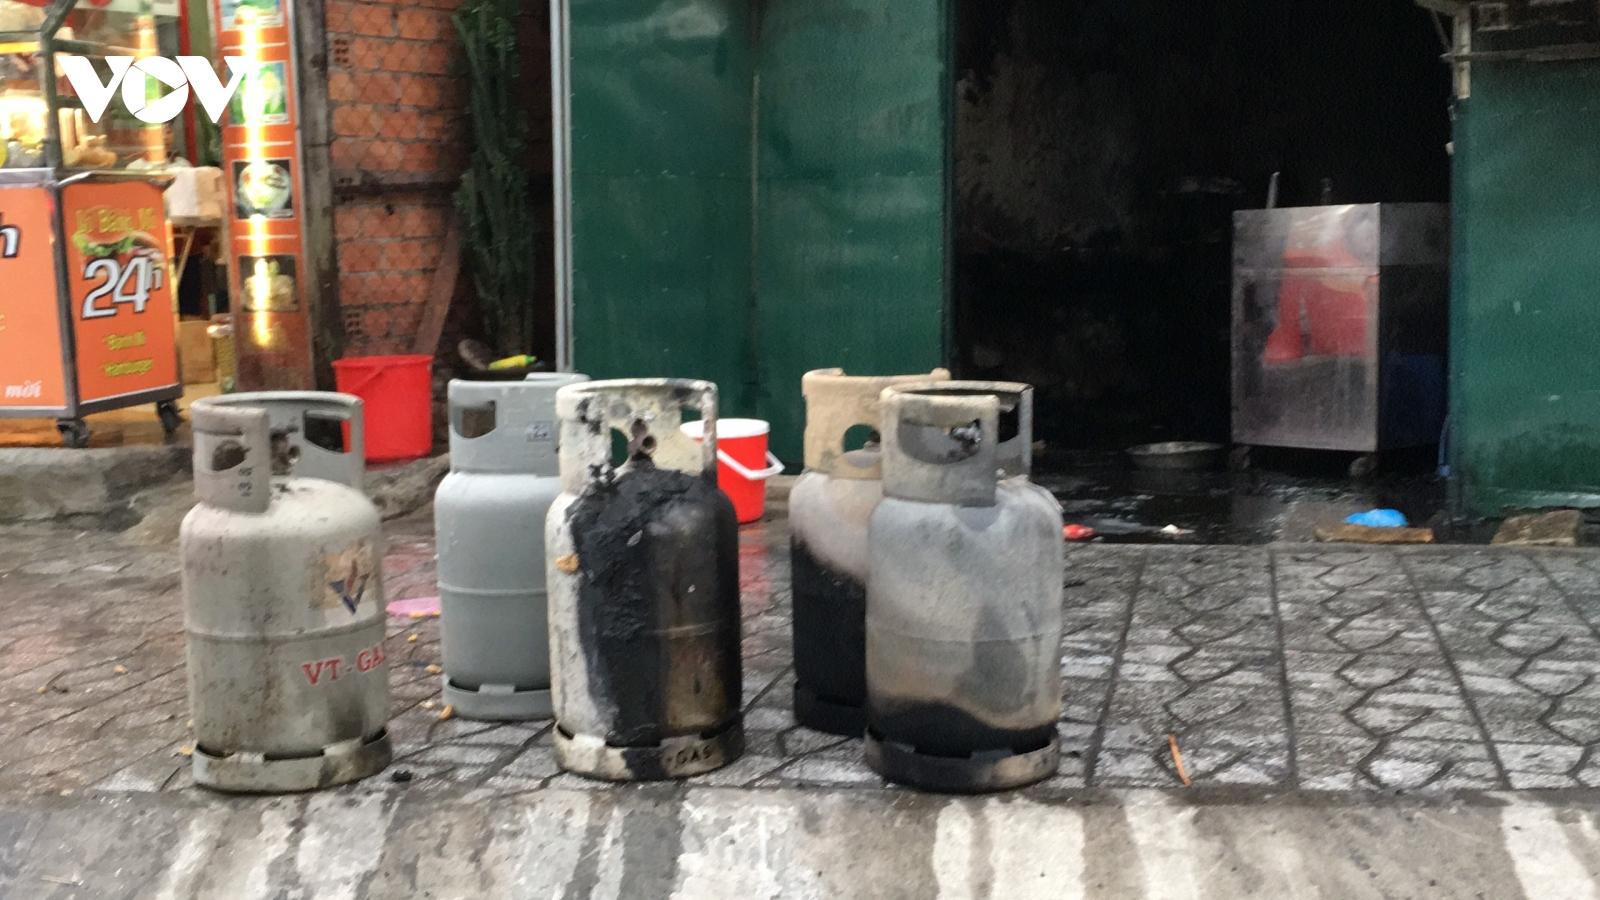 Bất cẩn khi thay gas khiến quán cơm gần bệnh viện bị thiêu rụi